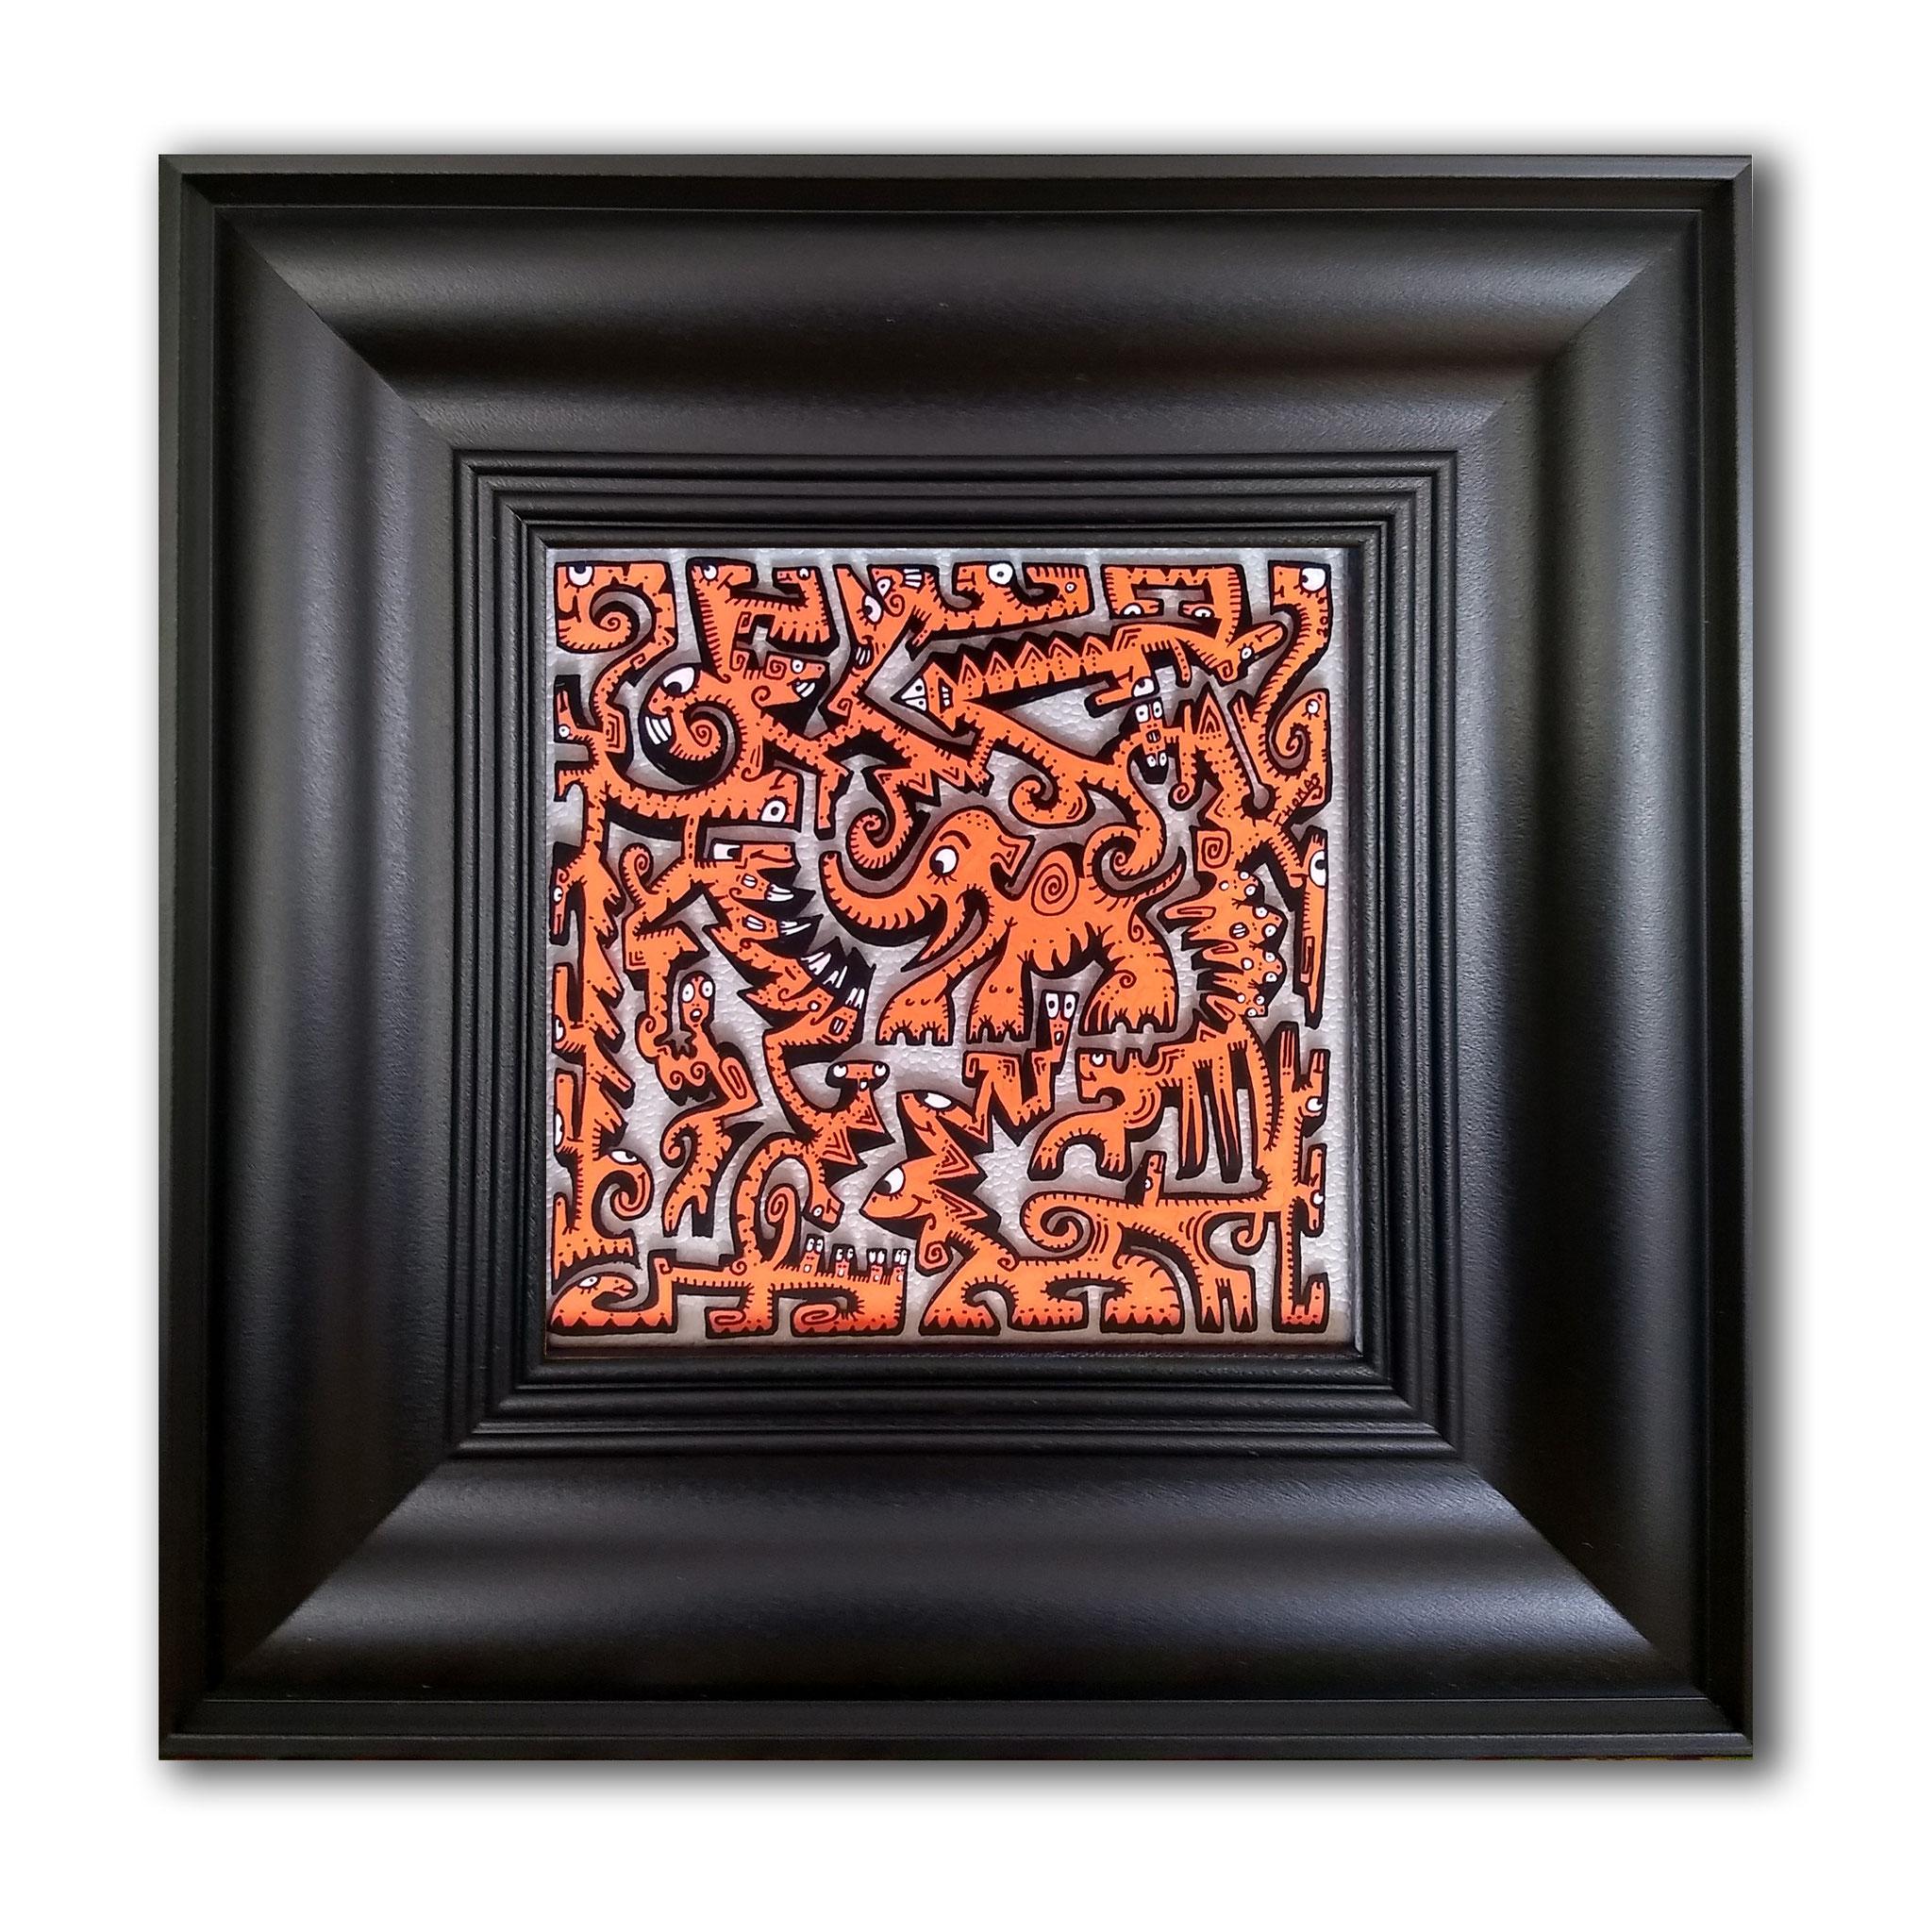 Titre : PT9/feutres acrylique sur verre synthétique/ fond papier effet cuir silver/format cadre 35.5/35.5cm/dessin : 18.5/18.5  /indisponible